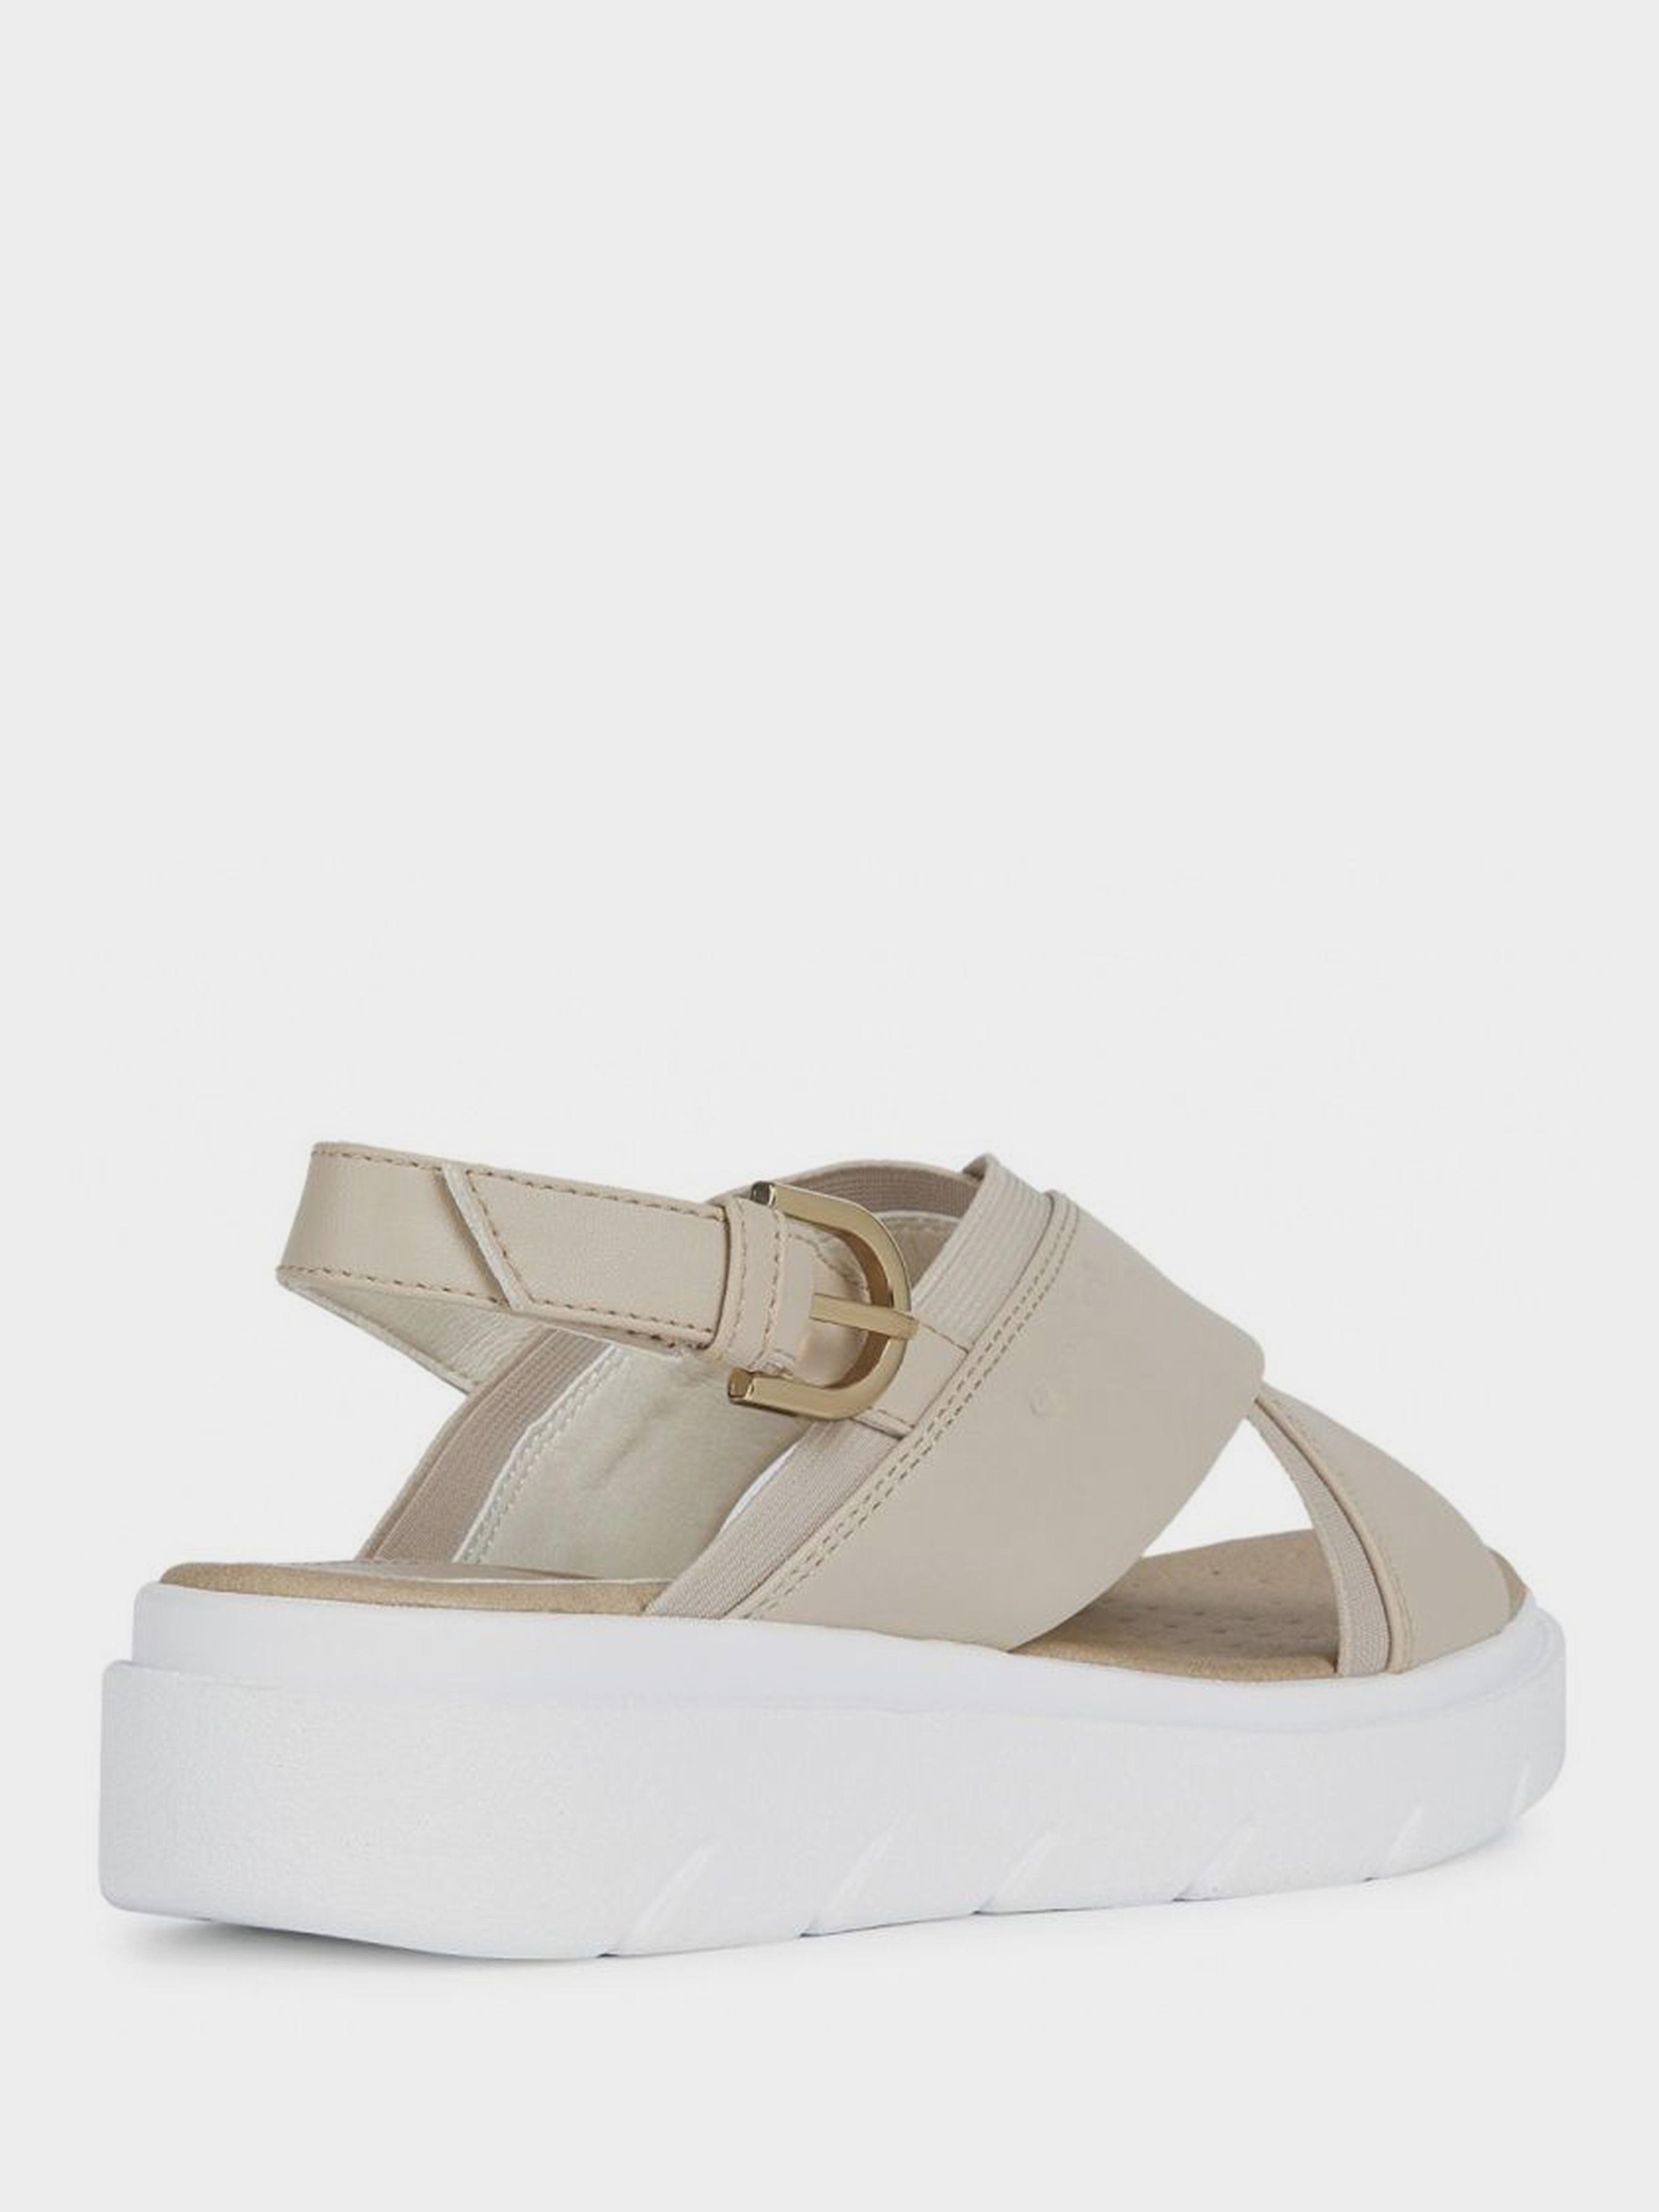 Босоножки для женщин Geox D TAMAS XW3578 брендовая обувь, 2017